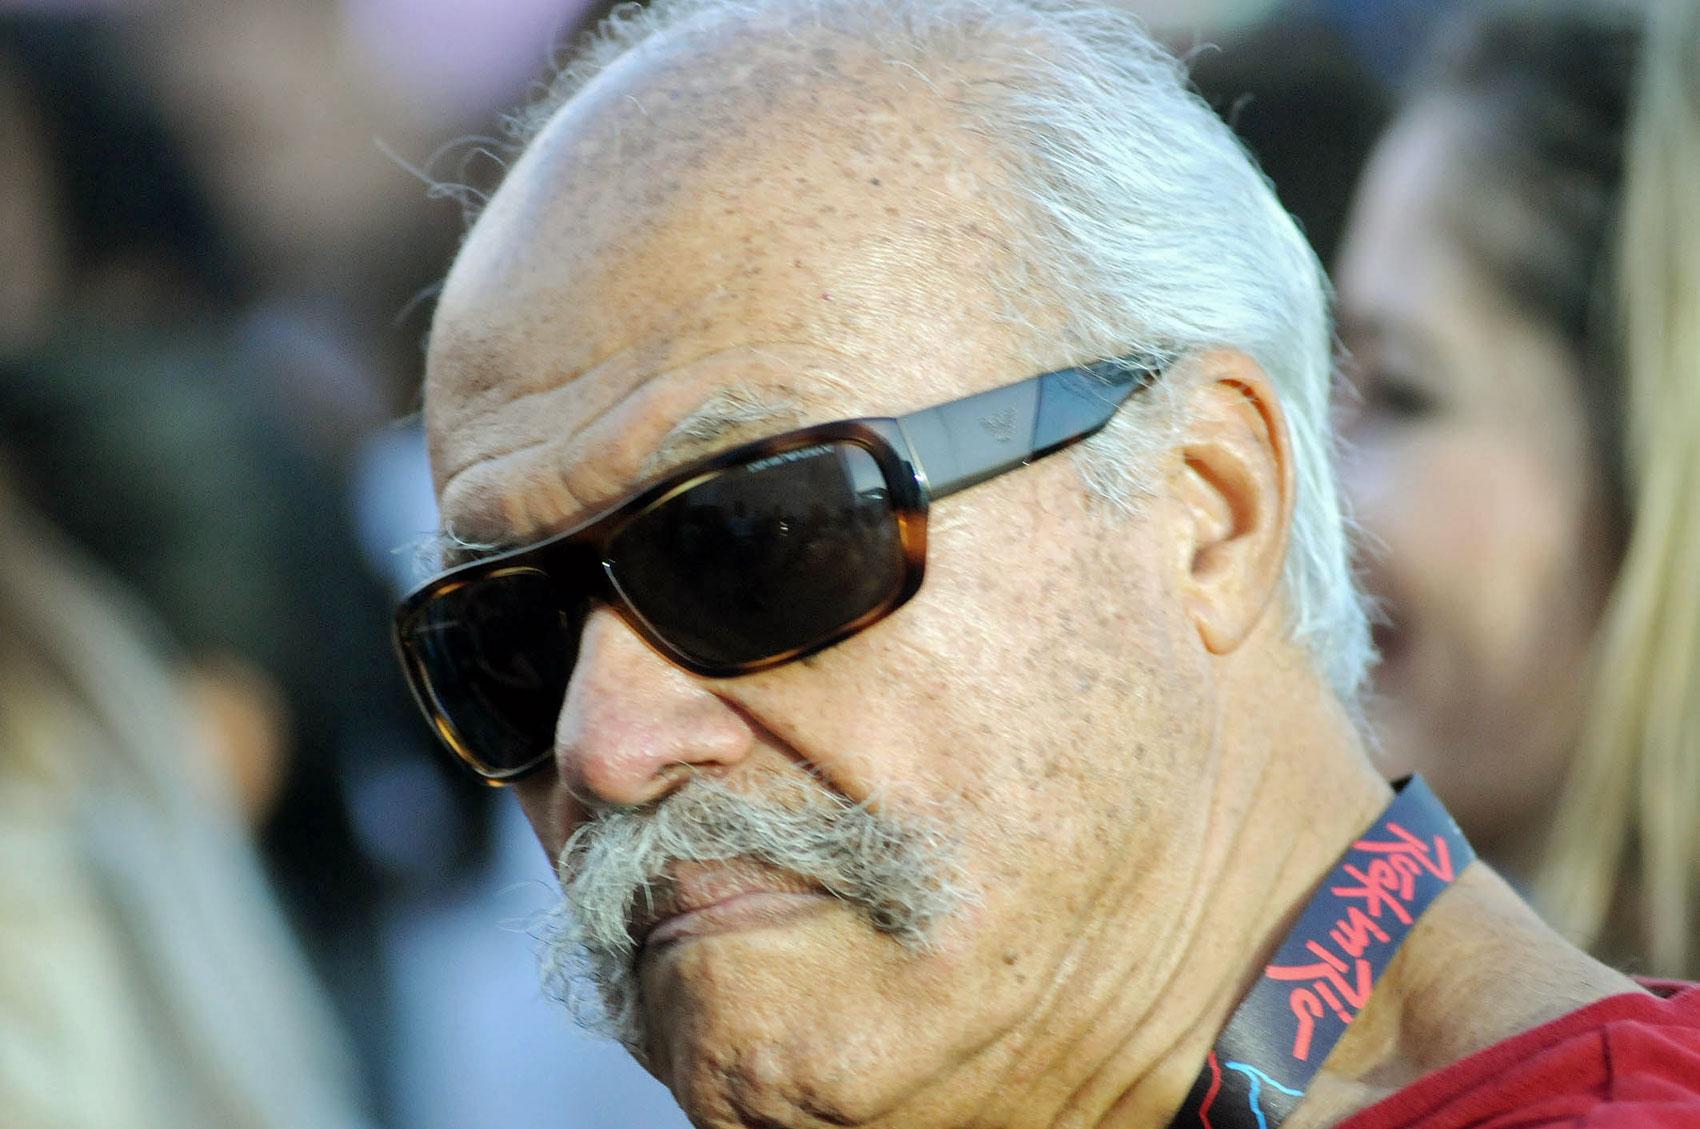 Veterano com mustache (bigode, em inglês) estiloso curtiu o sexto dia de shows do Rock in Rio.